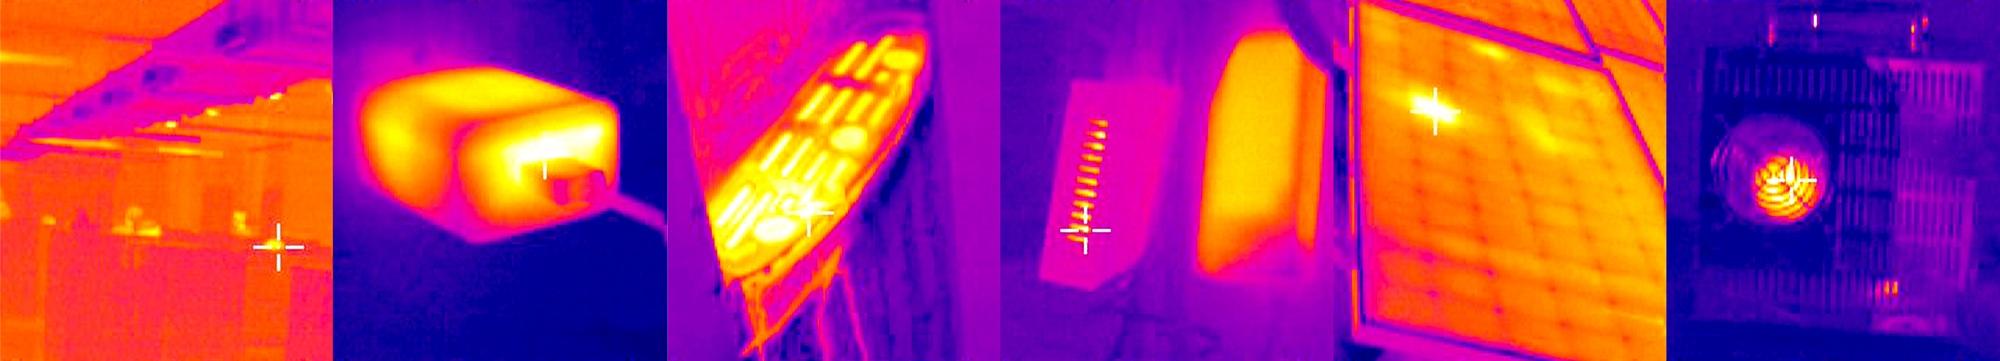 Heat Sensing Camera